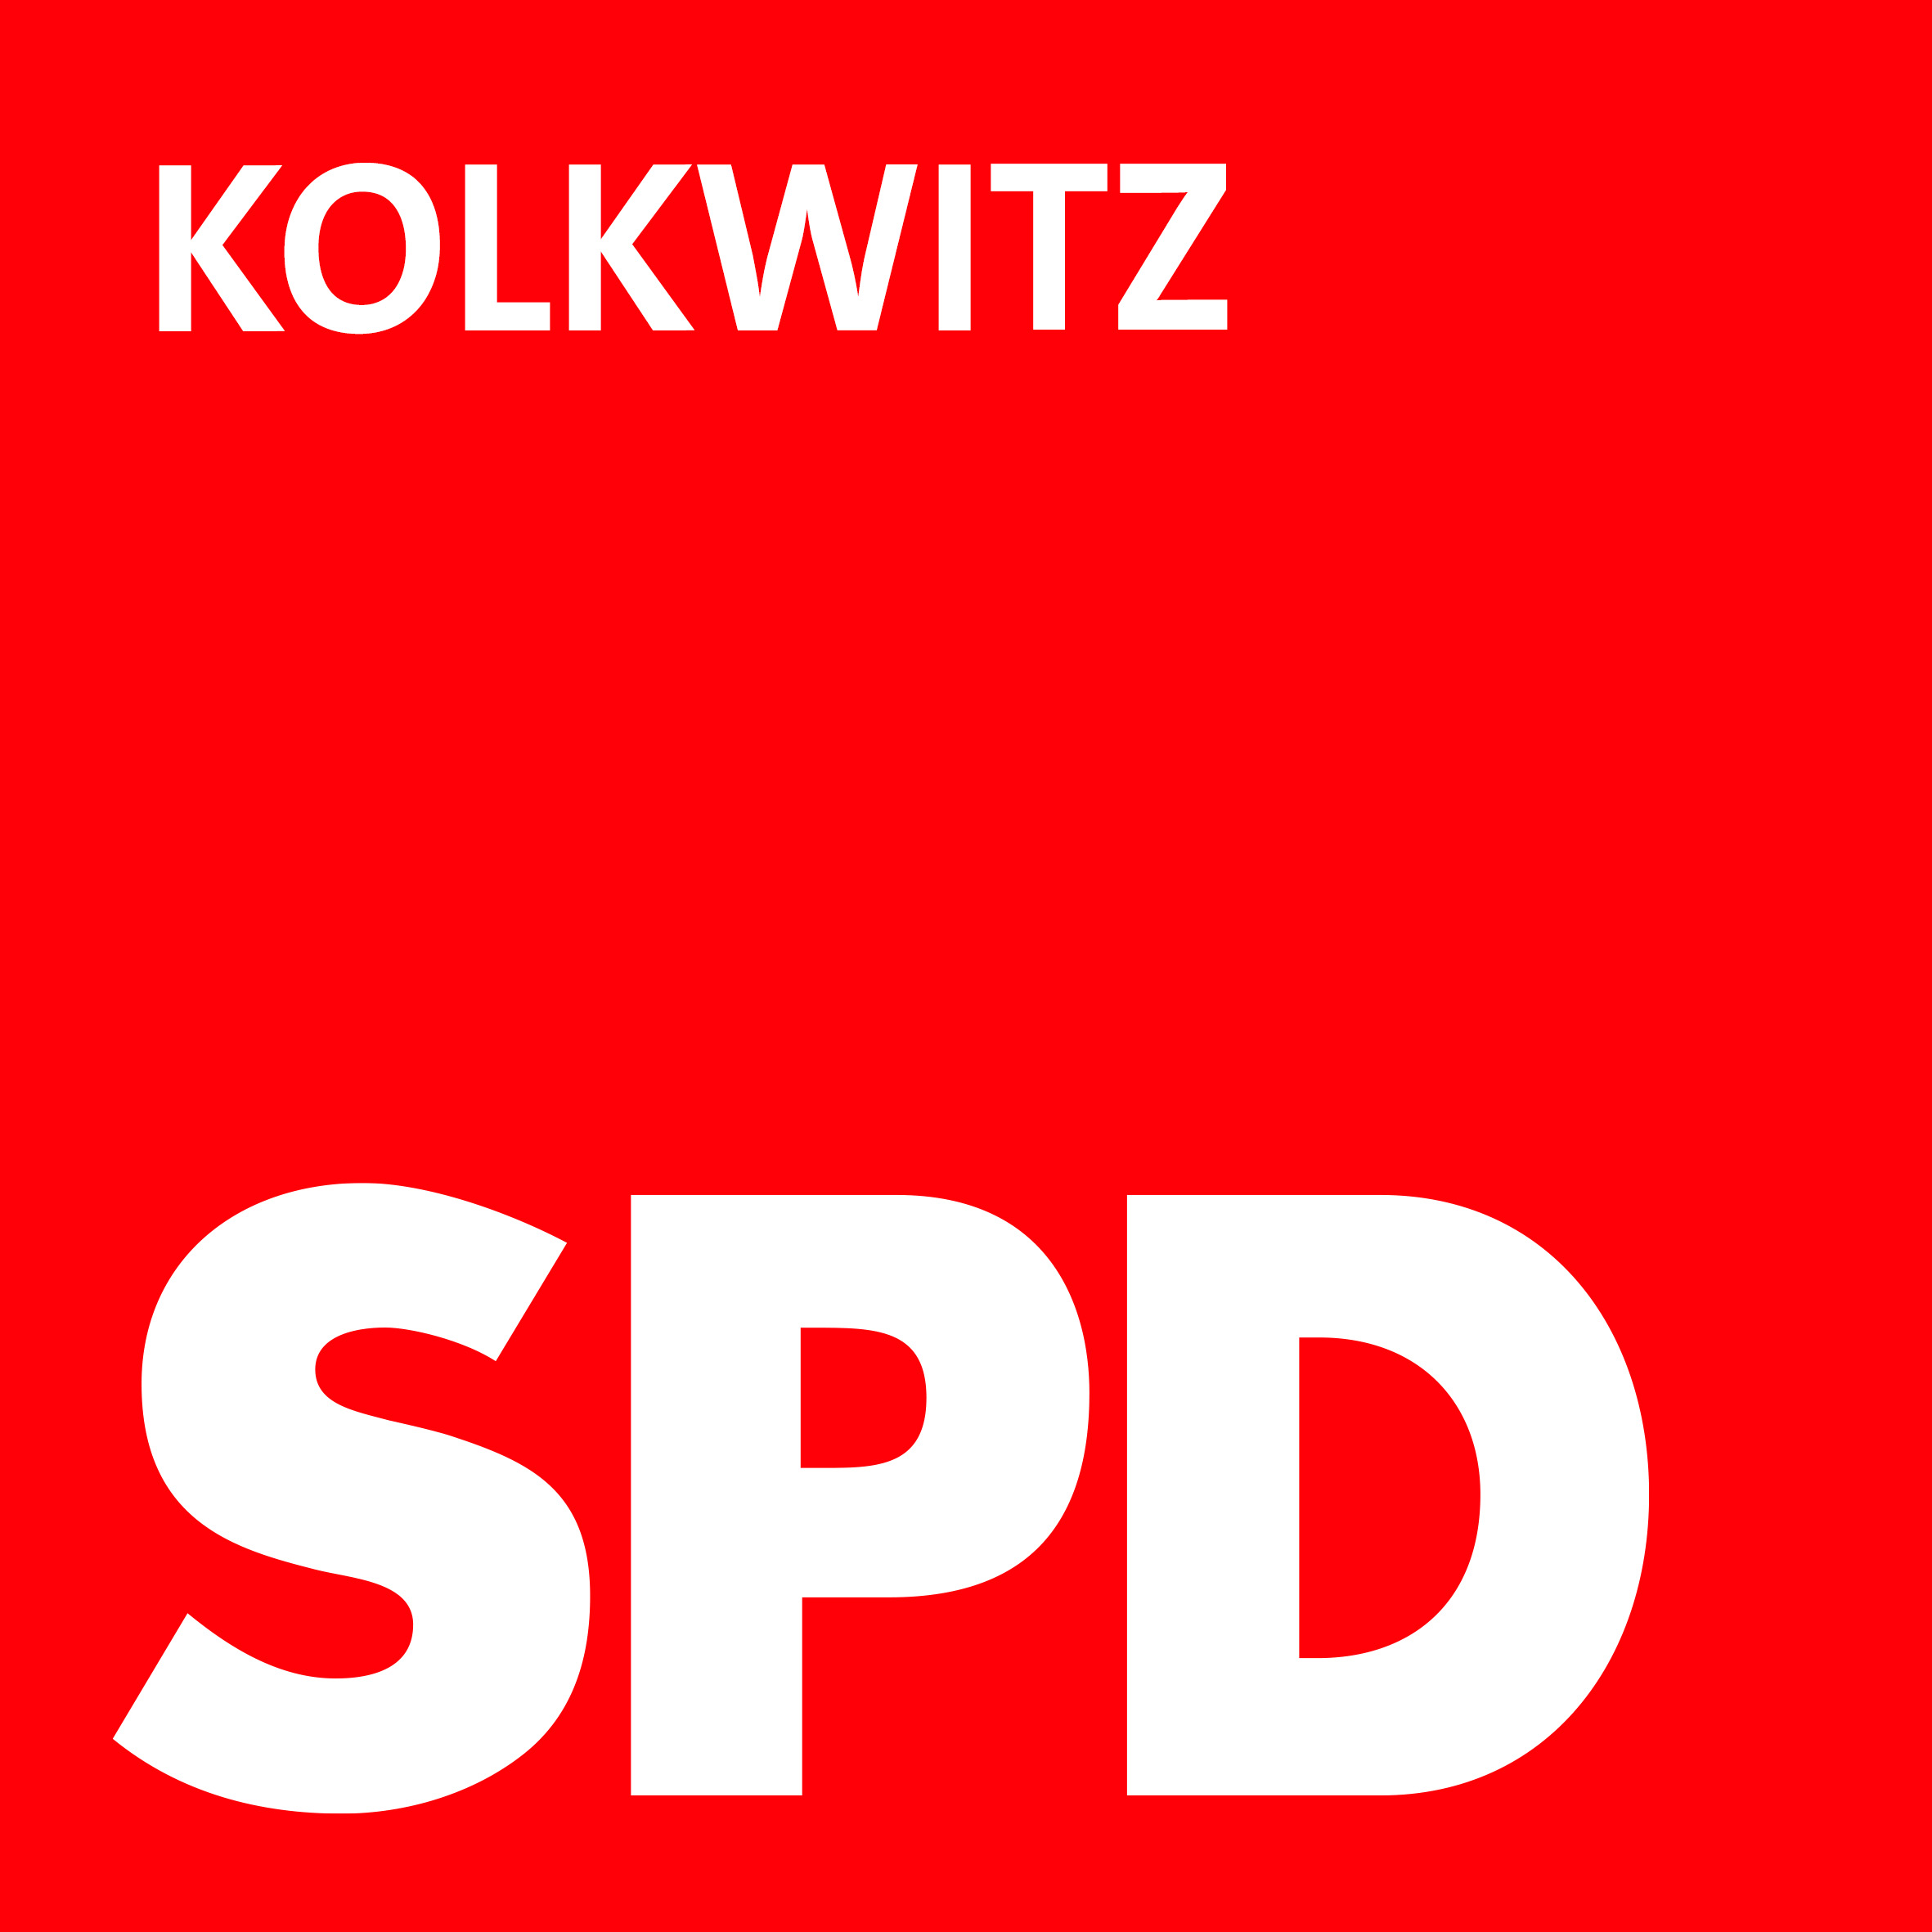 SPD Kolkwitz